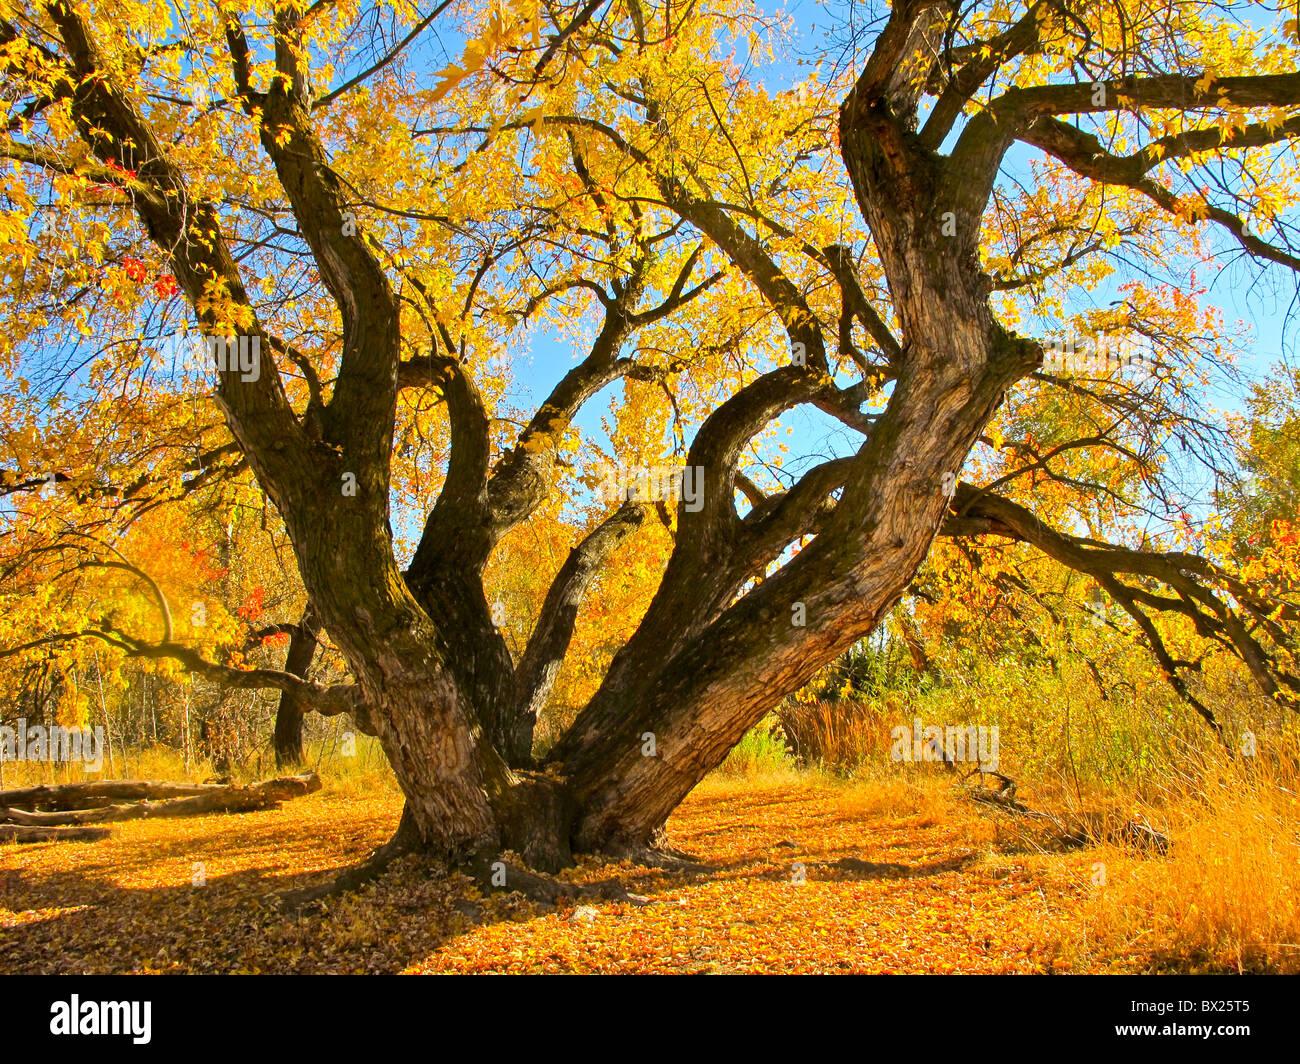 Stati Uniti d'America, Boise, bellissimo albero di Acero sul Fiume Boise Greenbelt in autunno. Immagini Stock